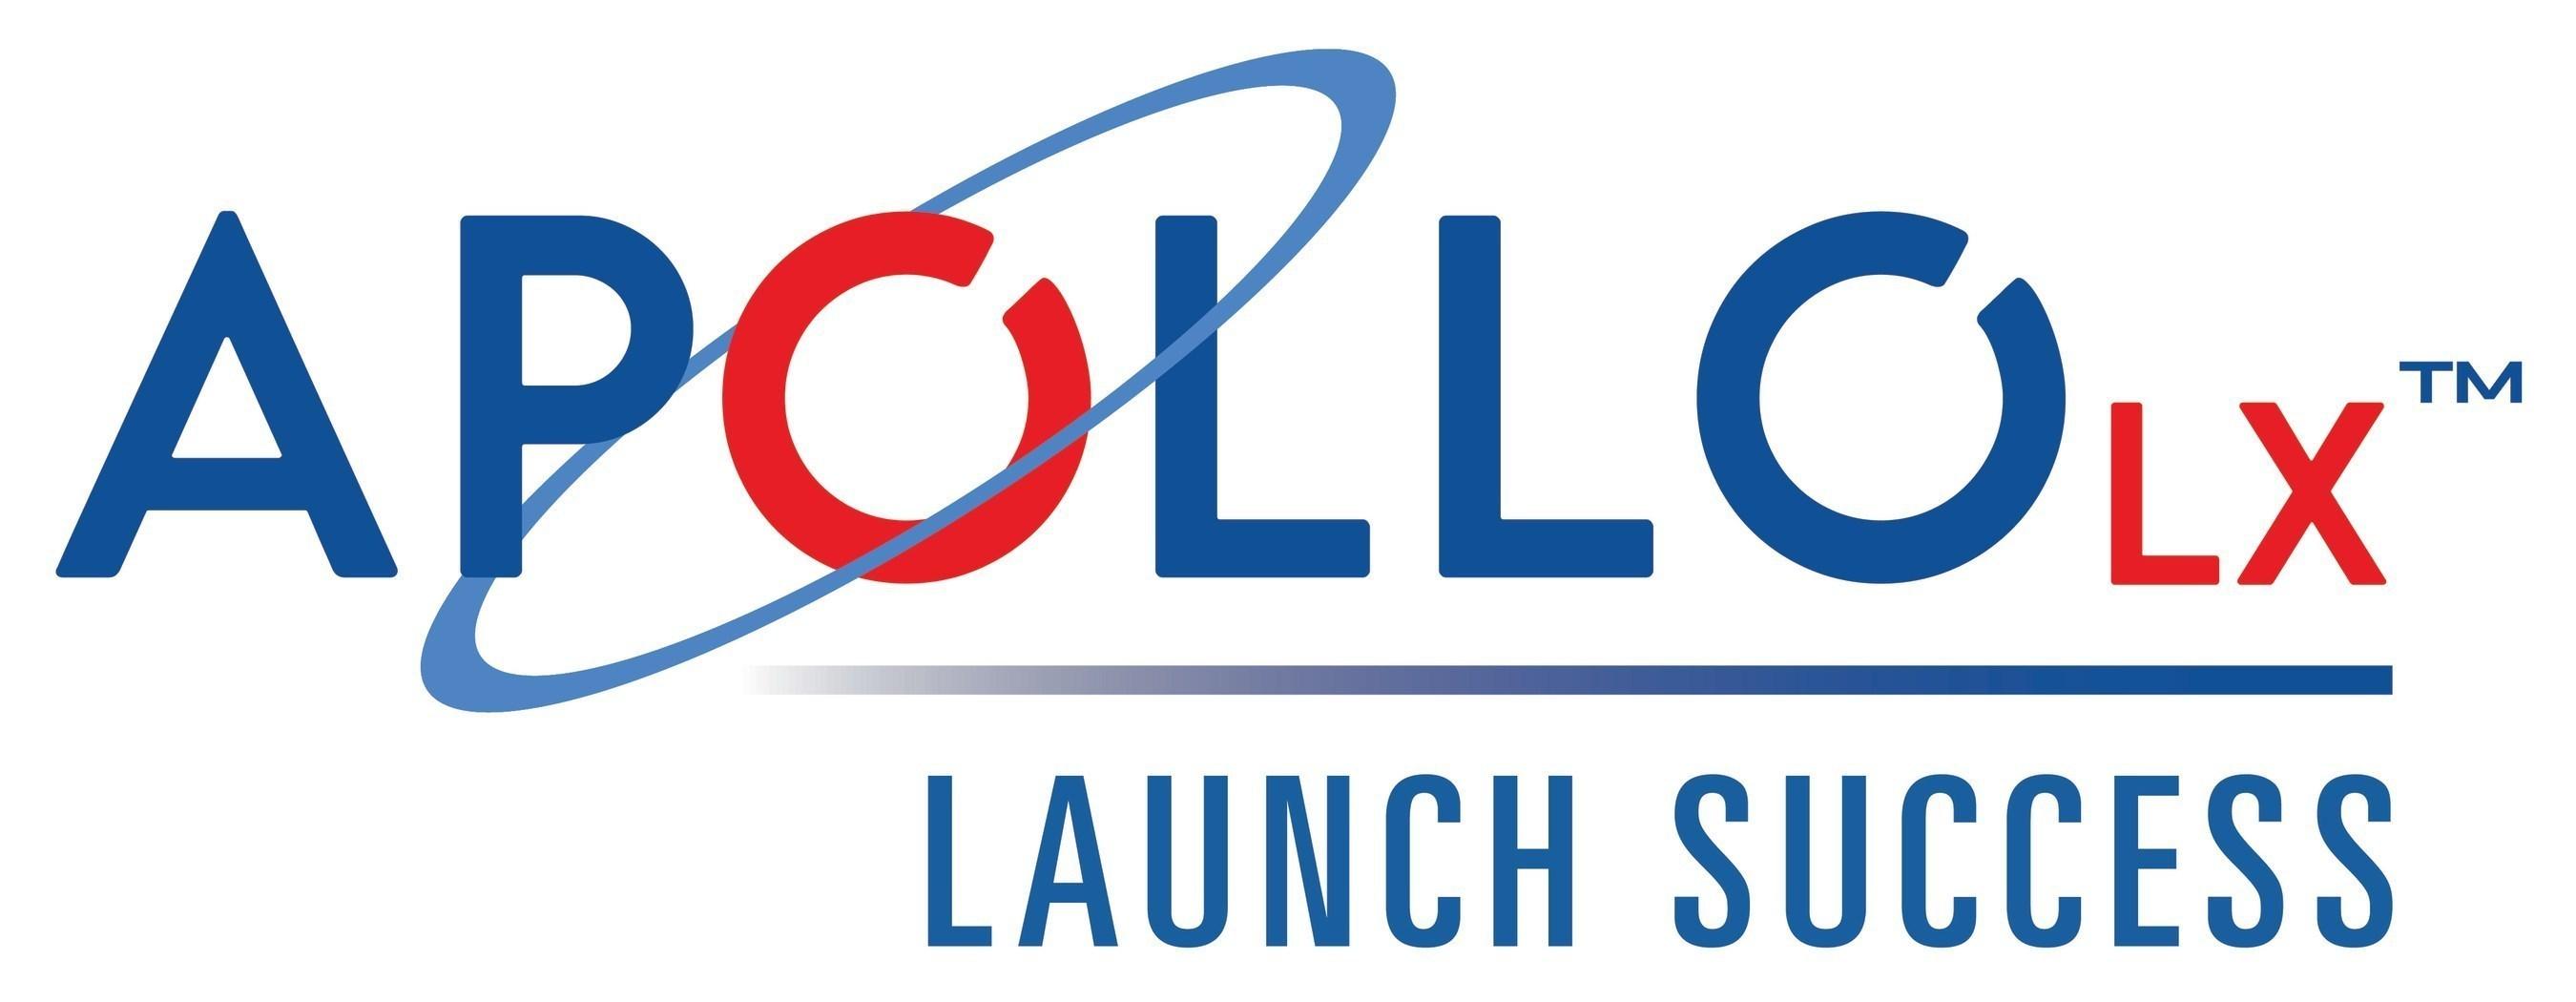 Apollo LX erfolgreich gelauncht - wichtiger Fortschritt für globale Pharma- und Biotechindustrie